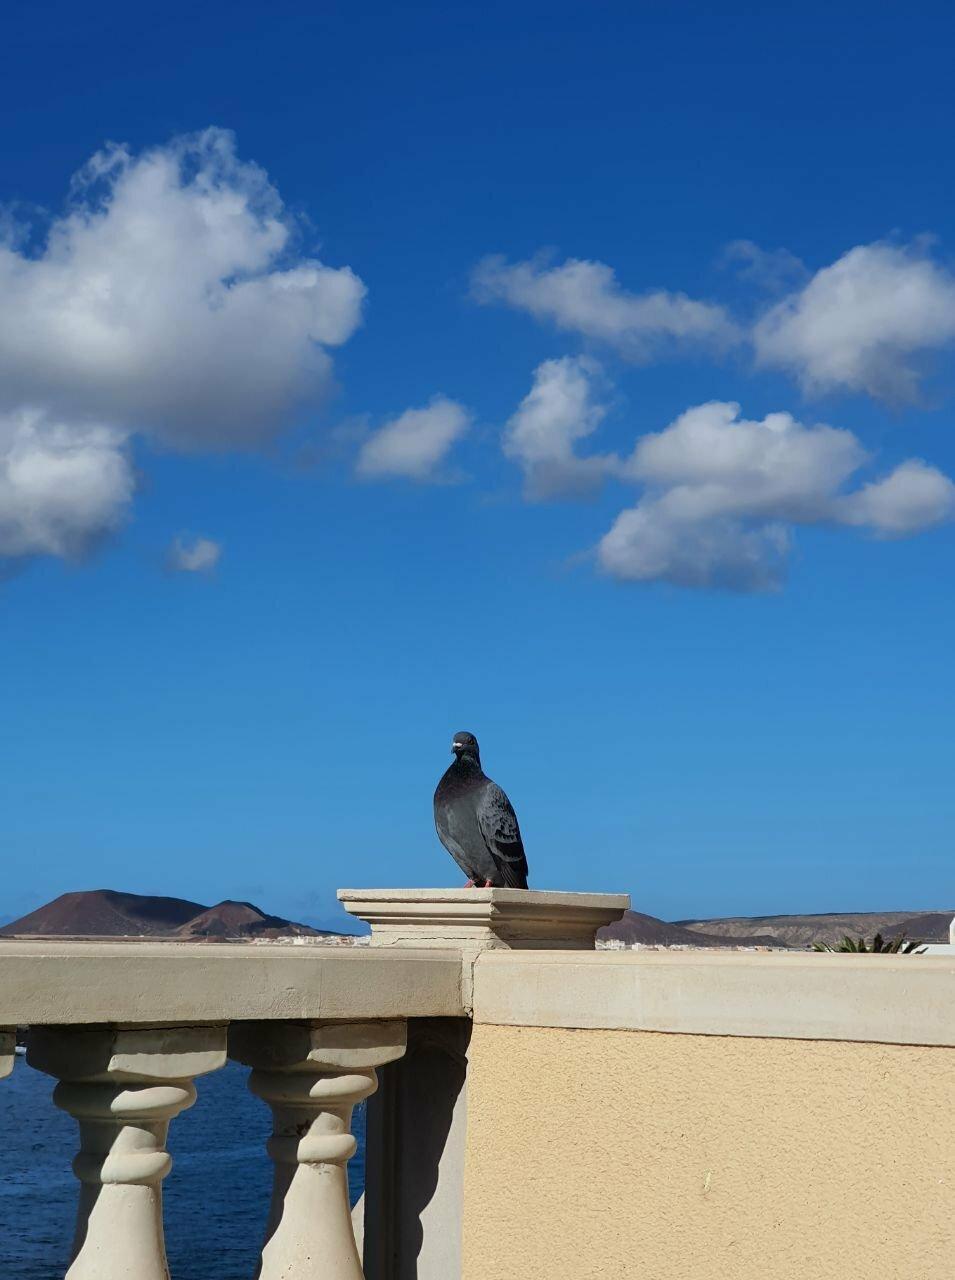 Bird as Statue